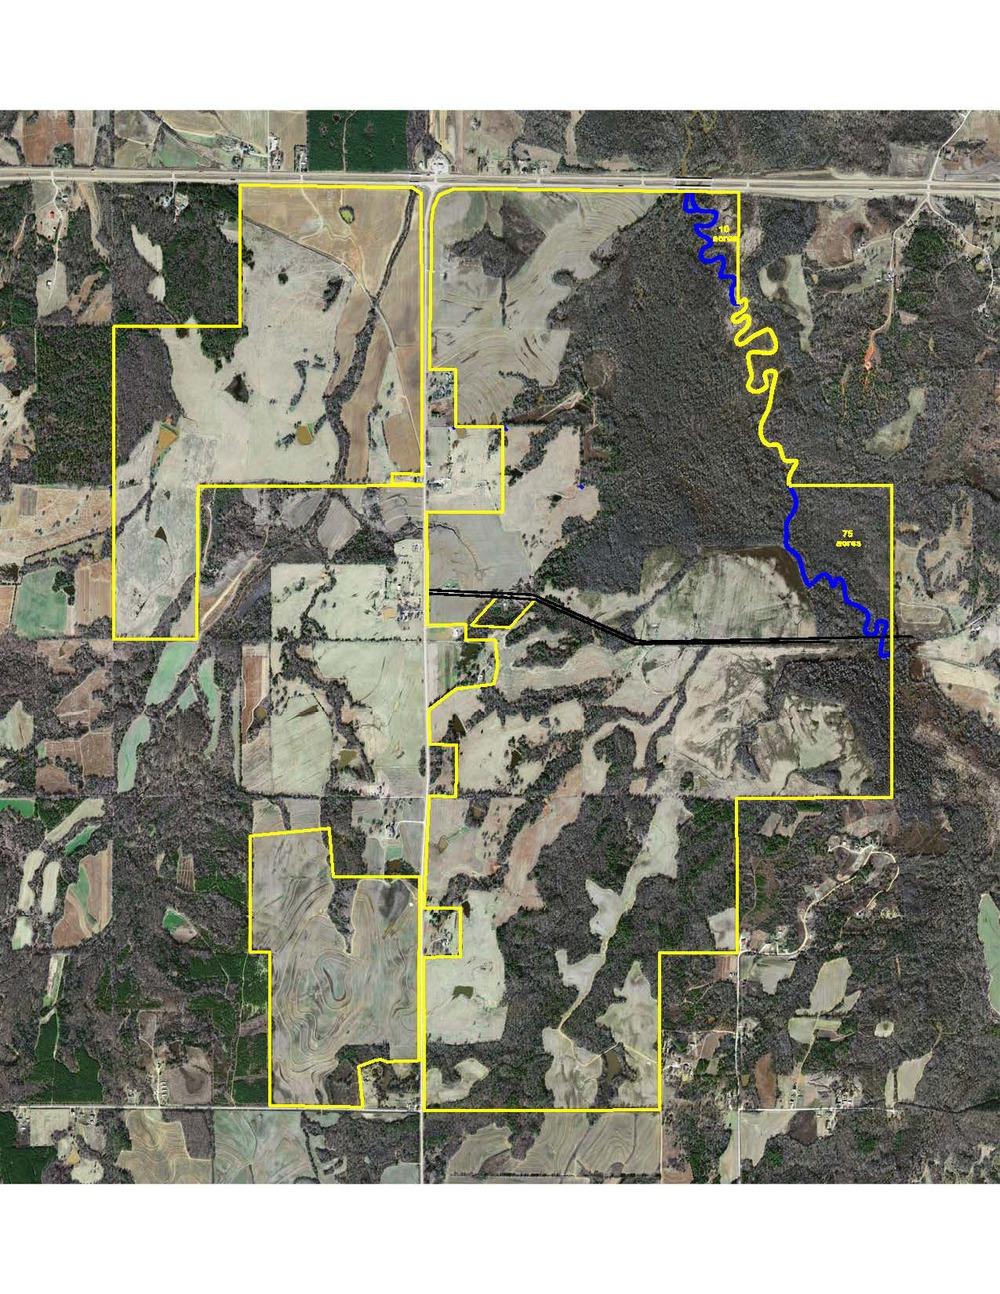 2864.1 Acre Survey